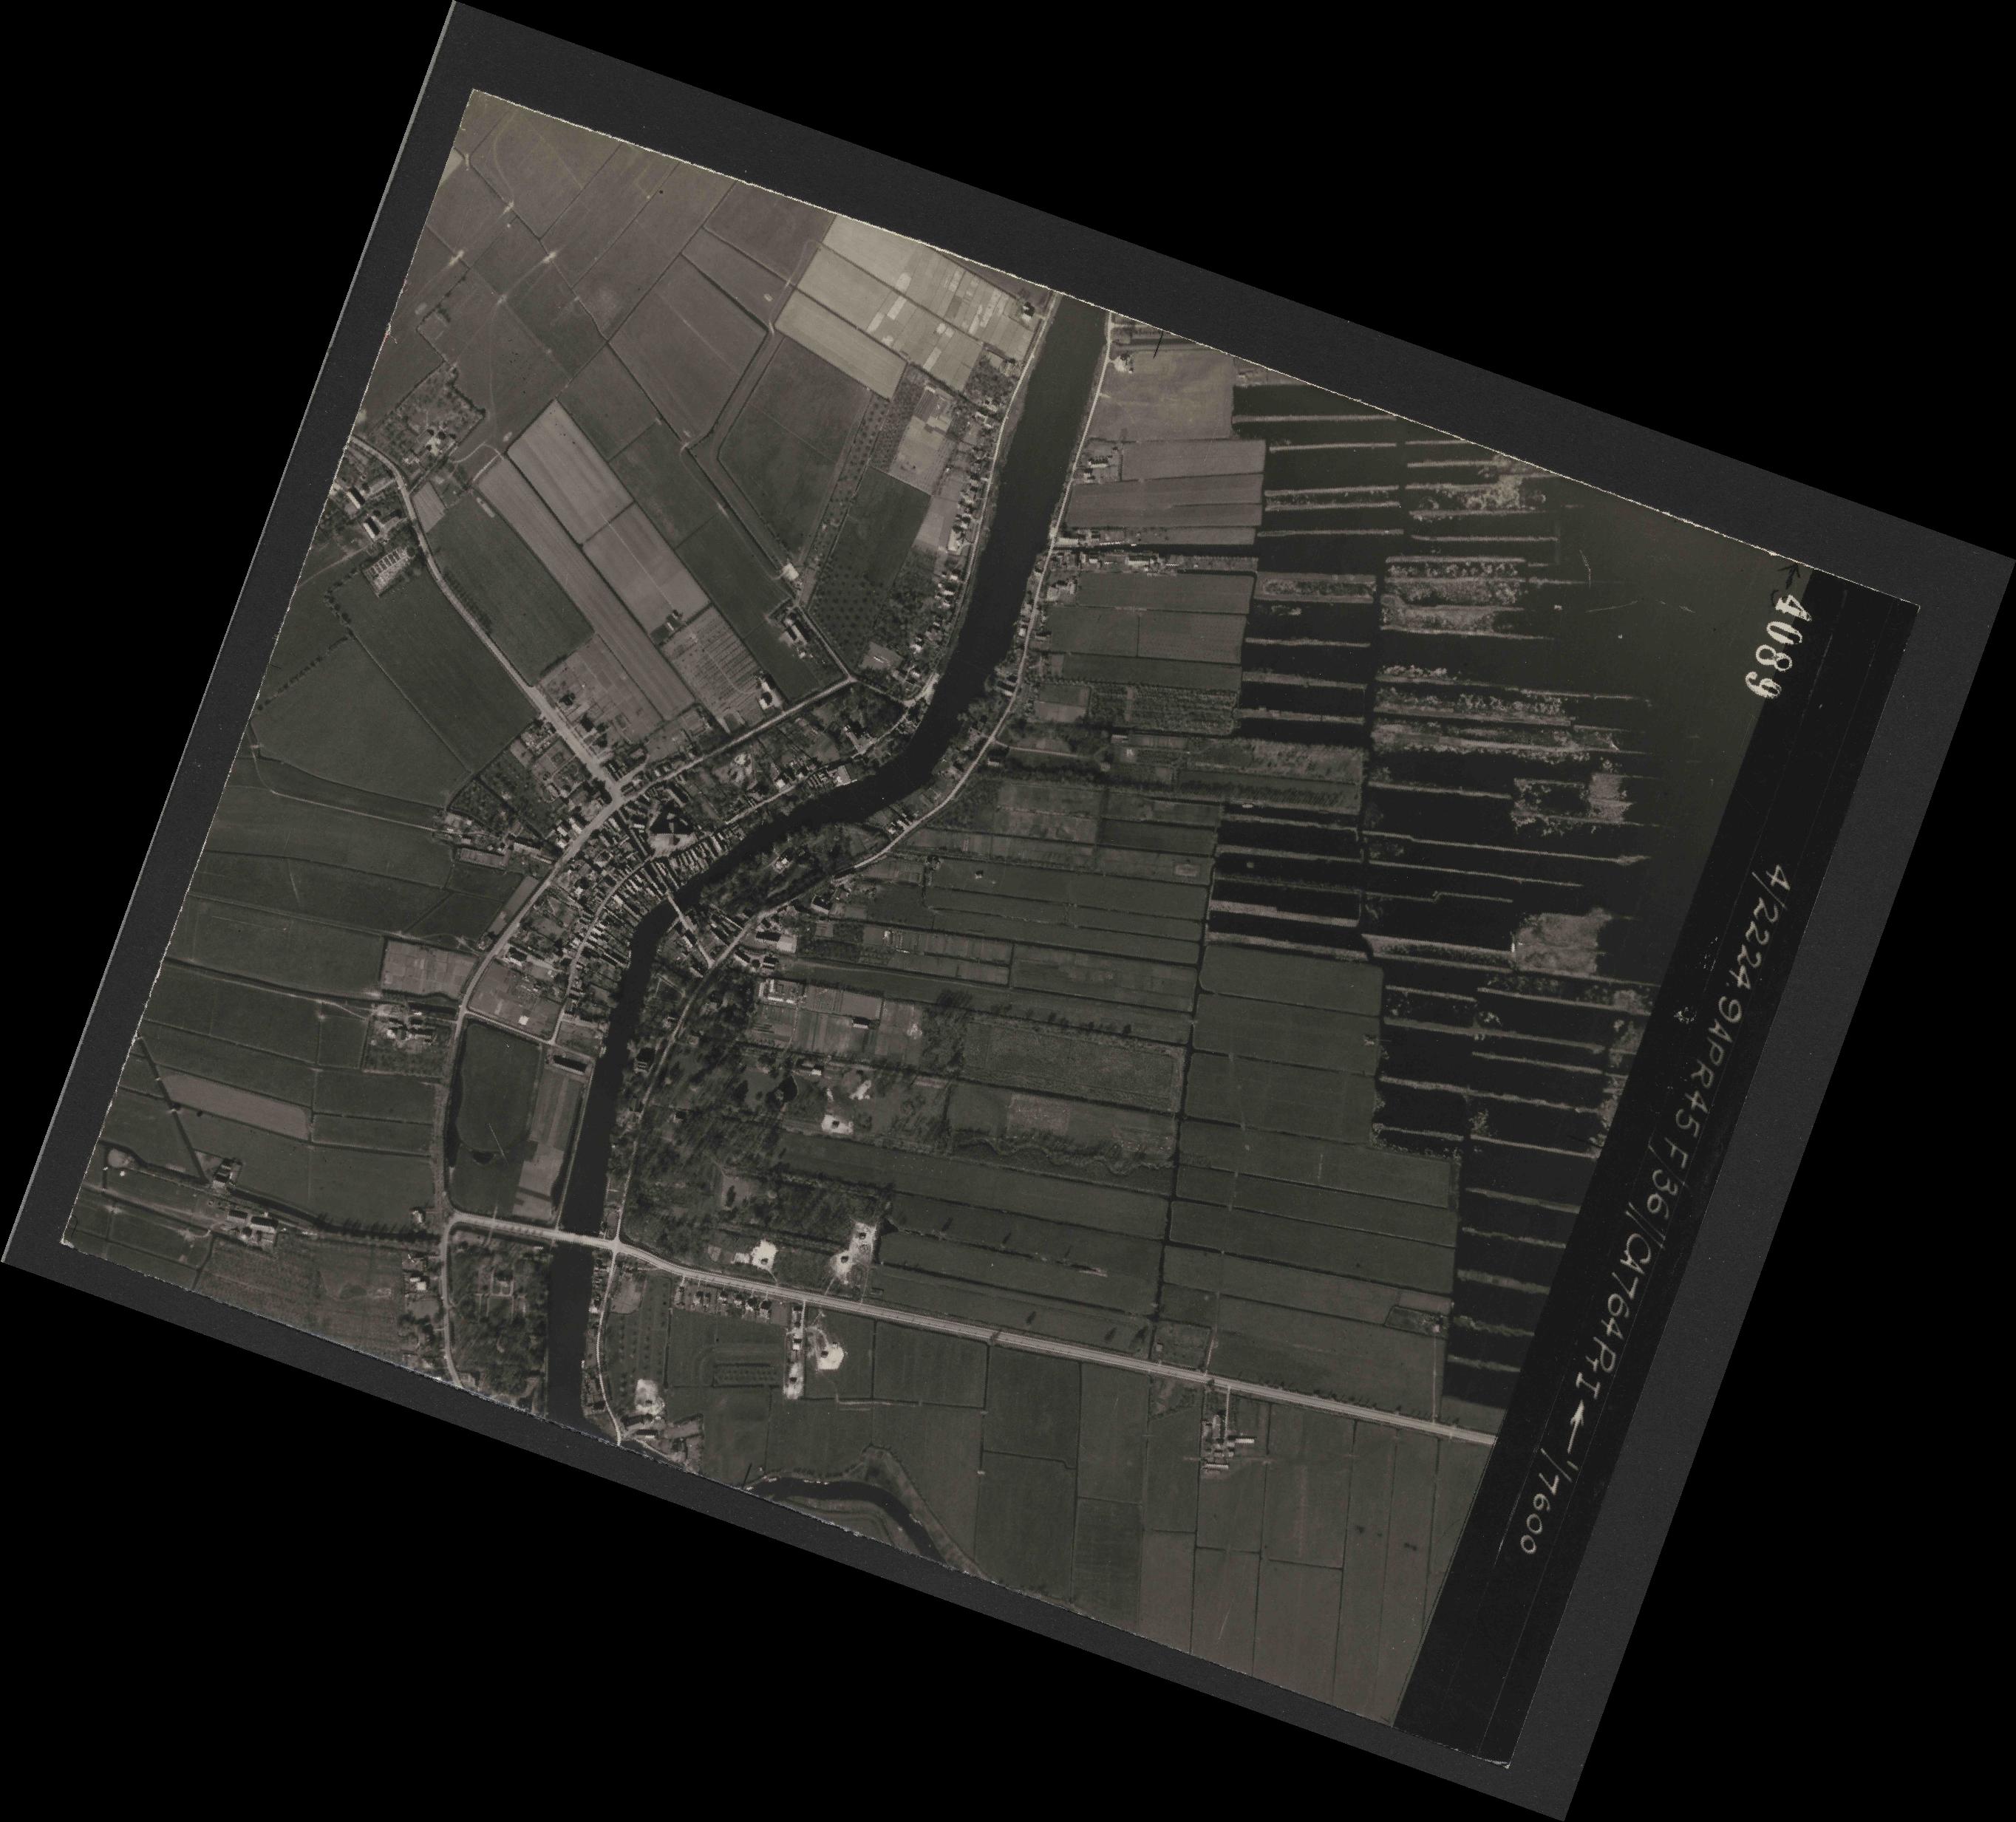 Collection RAF aerial photos 1940-1945 - flight 271, run 10, photo 4089